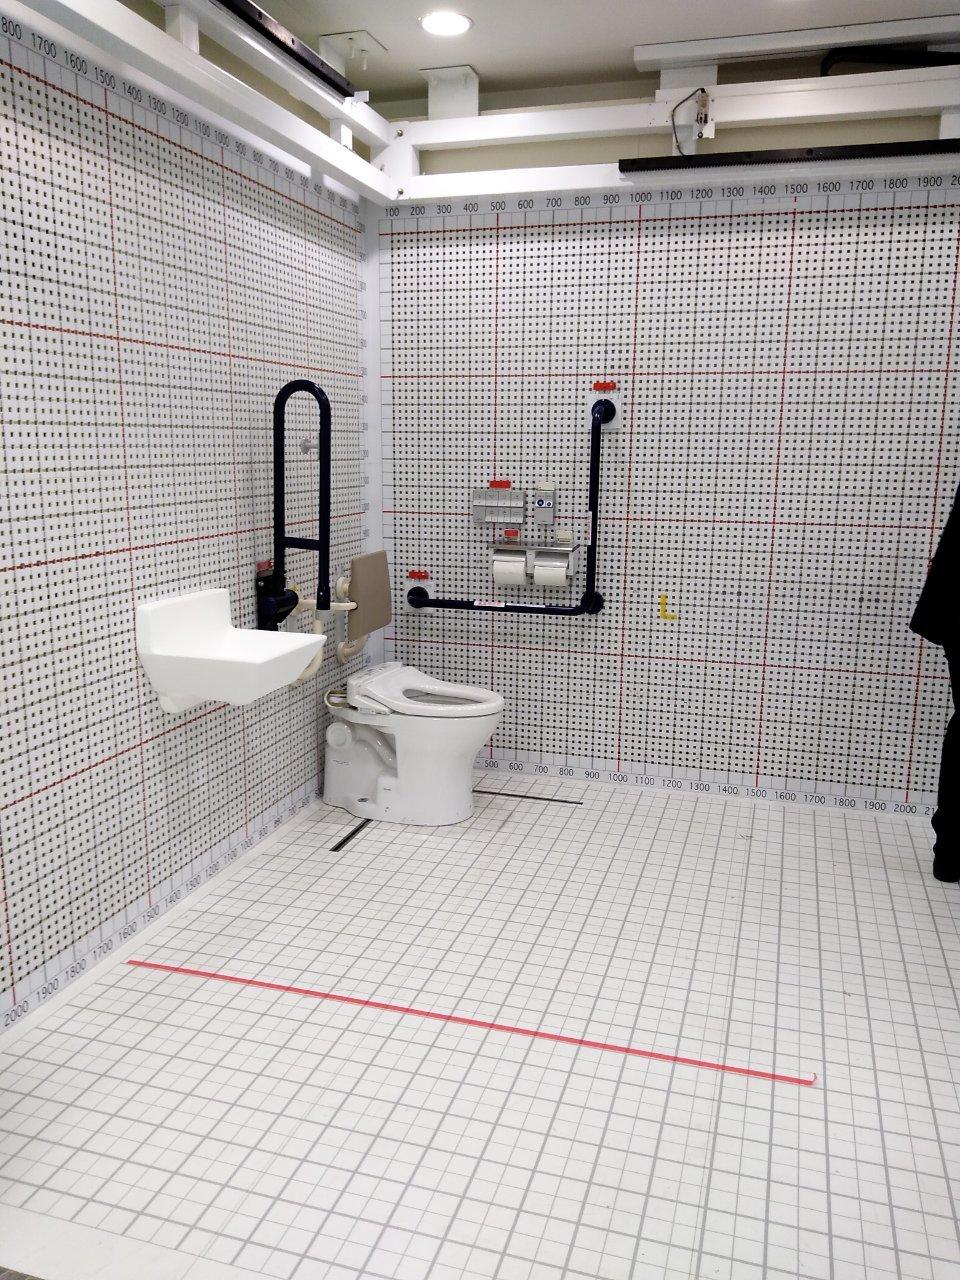 トイレを考える_a0355629_09011170.jpg